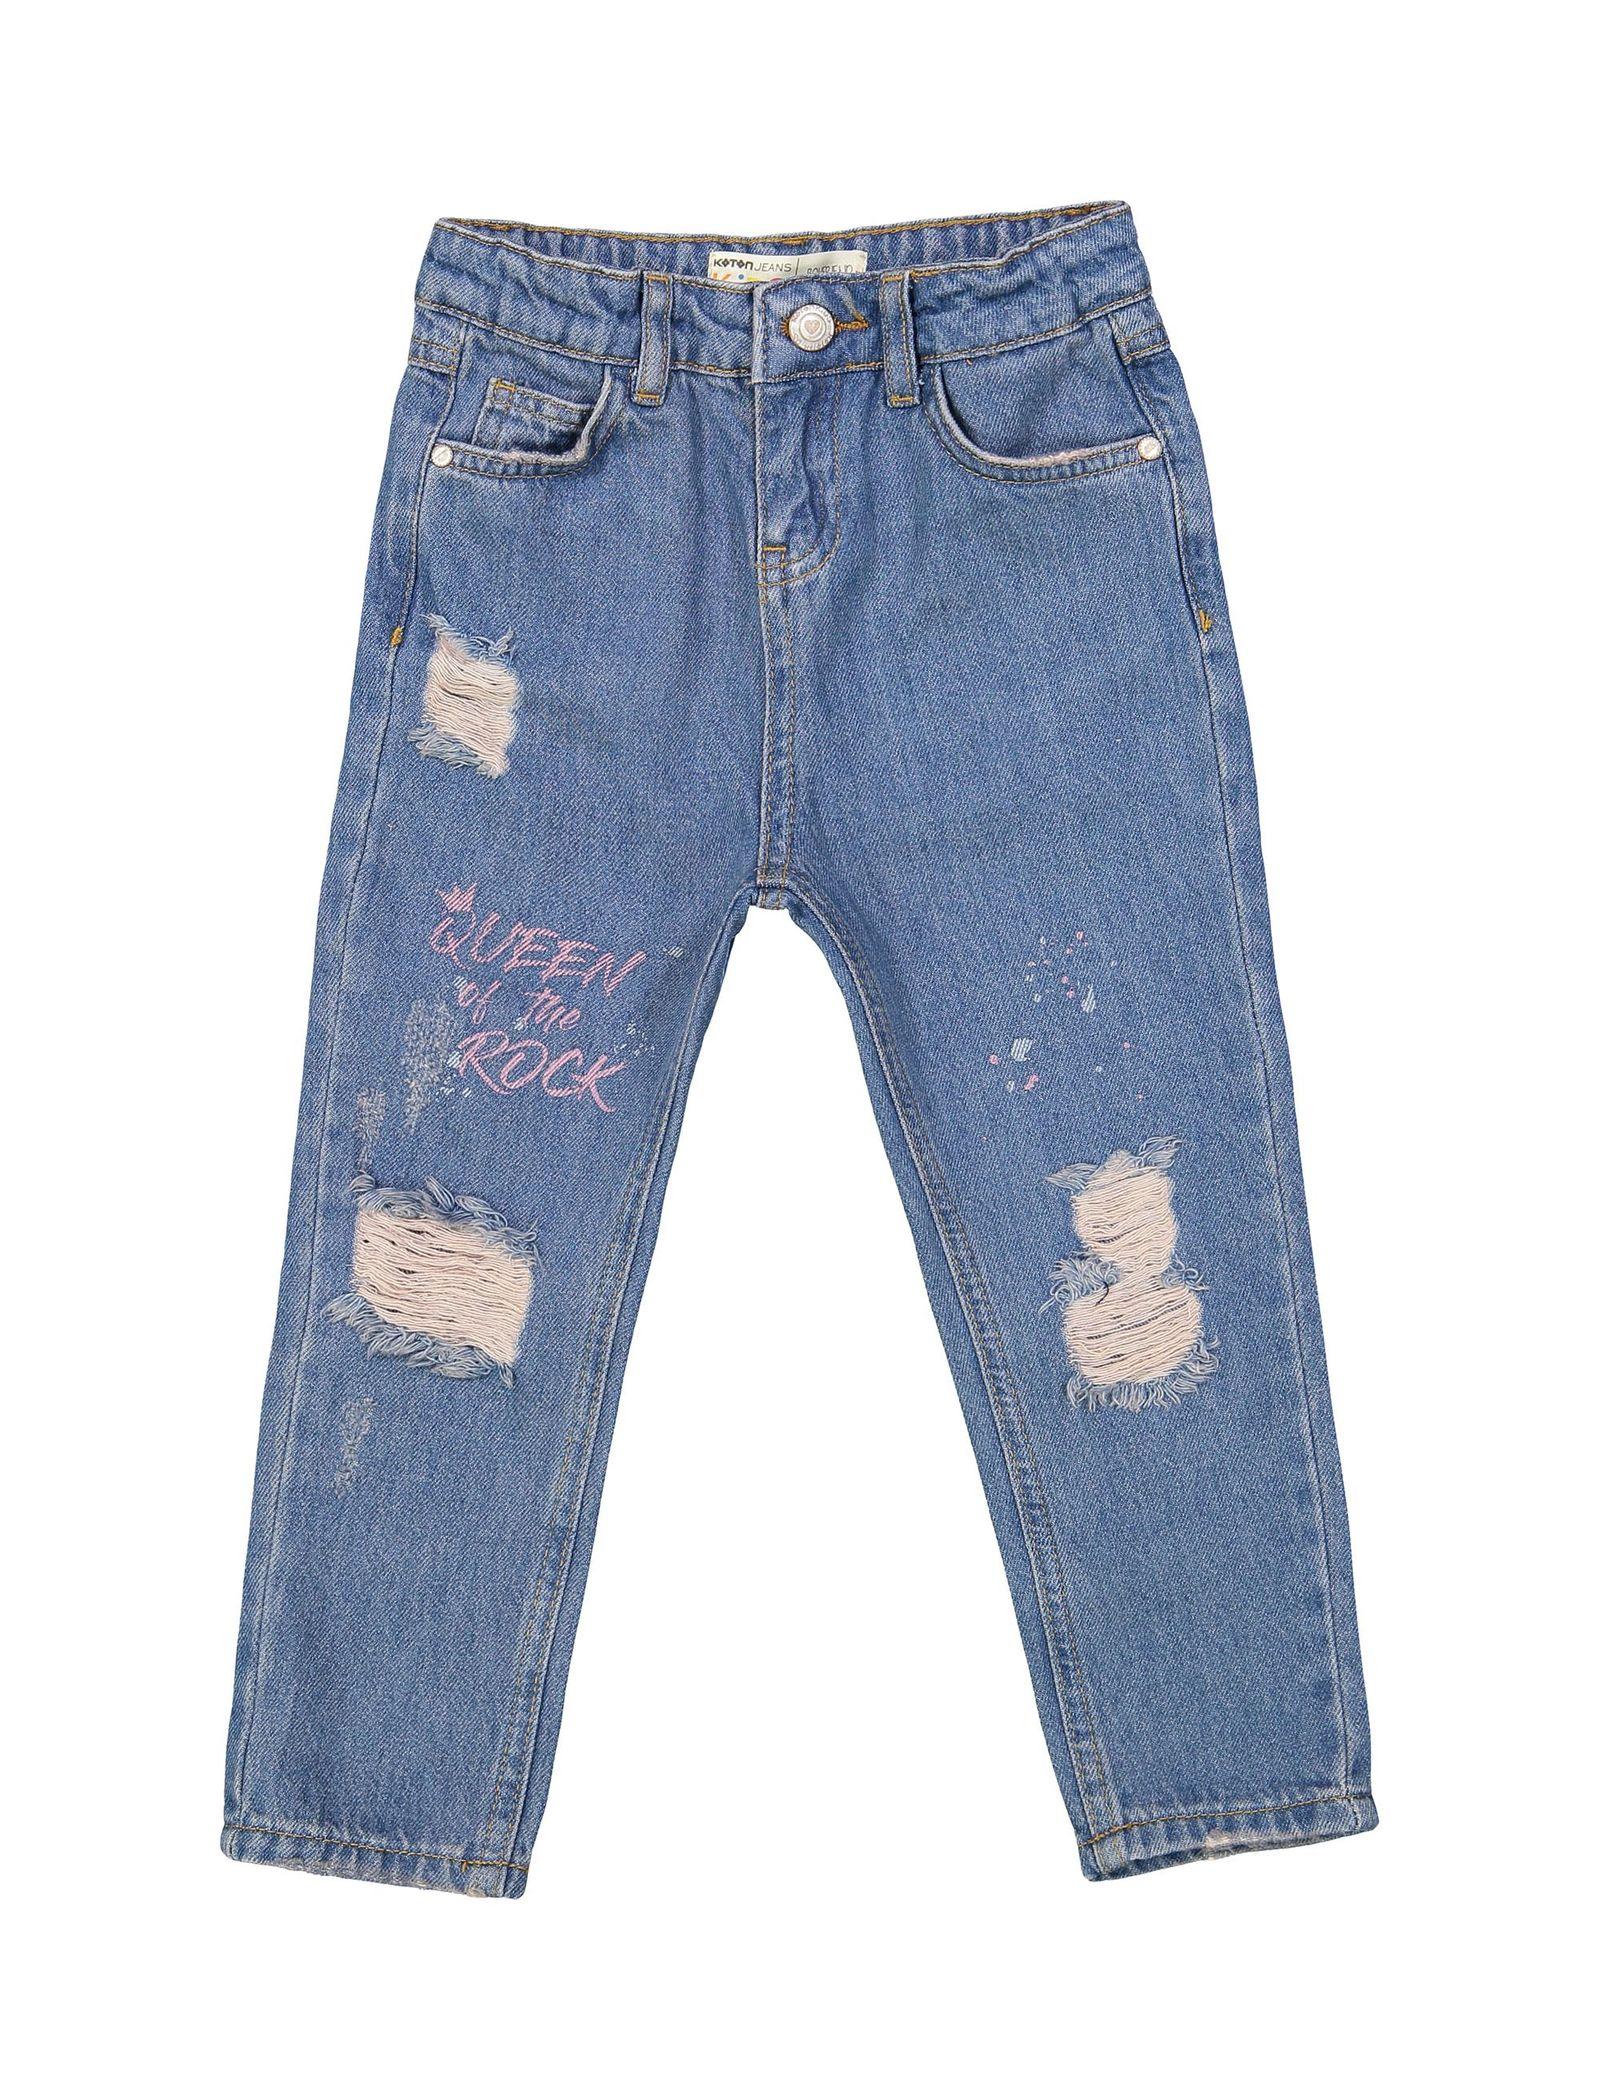 شلوار جین راسته دخترانه - کوتون - آبي - 1